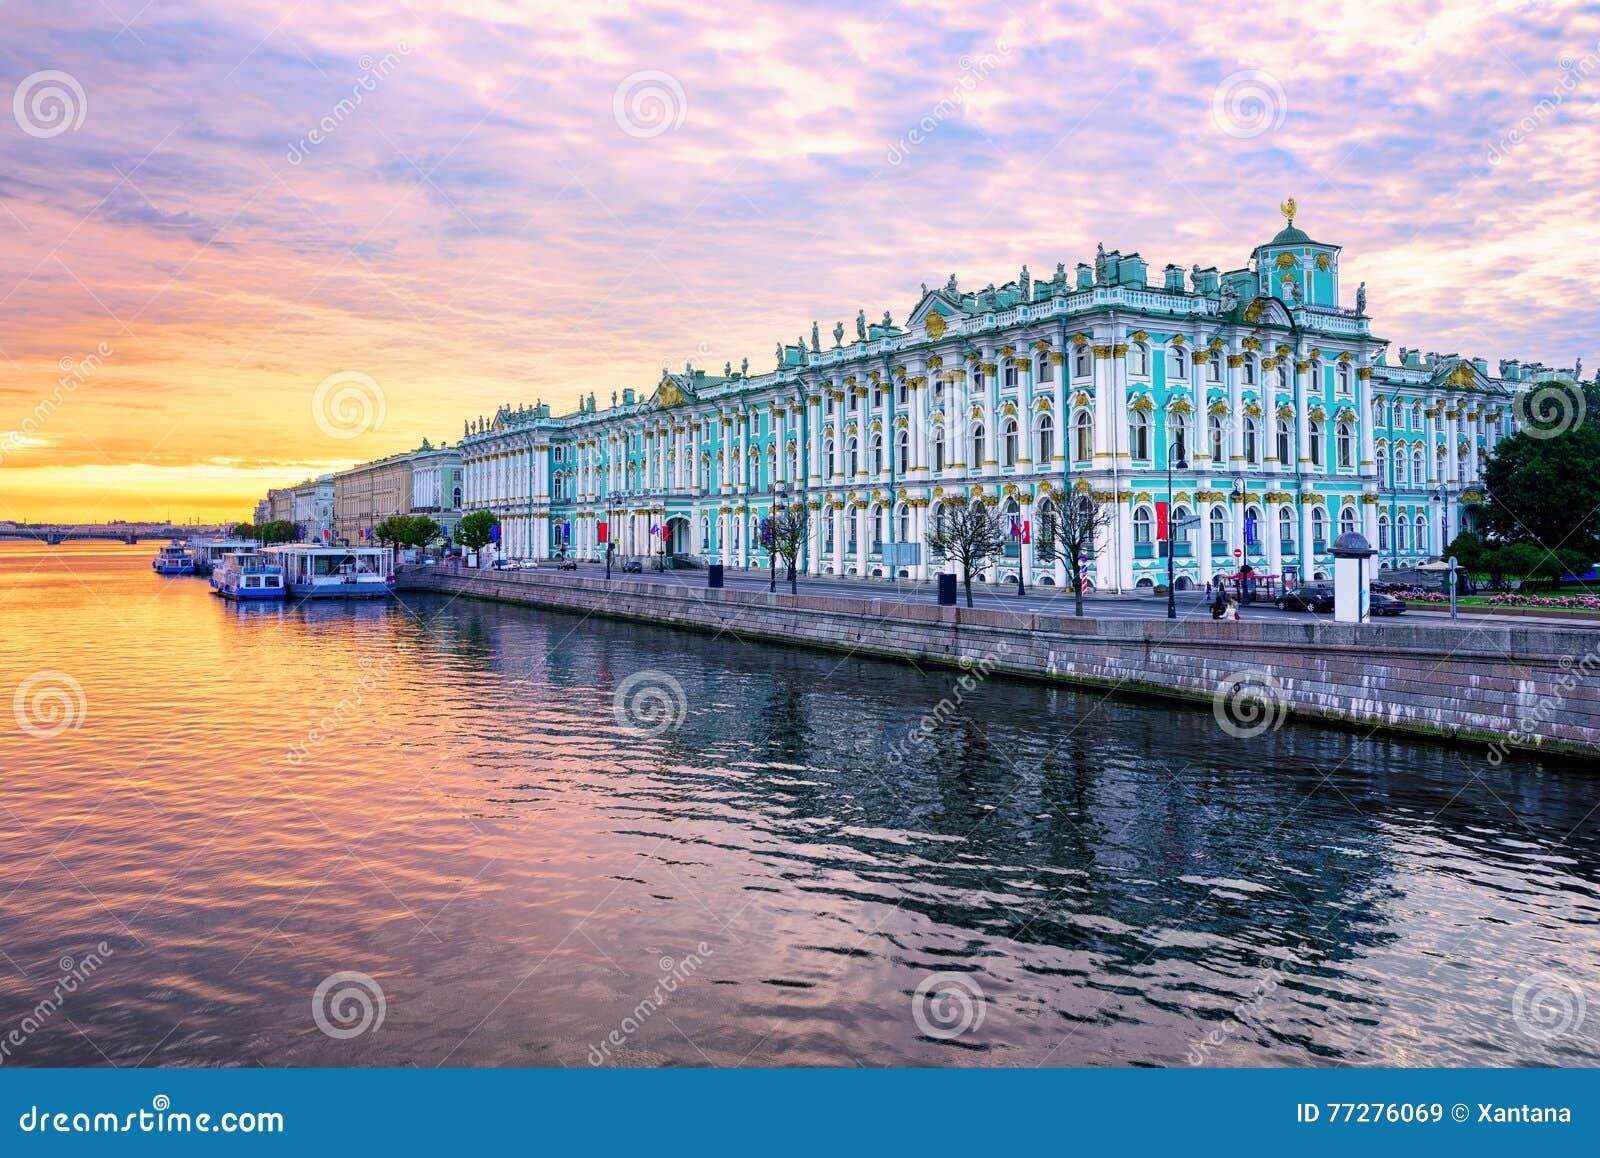 Palacio del invierno en el río de Neva, St Petersburg, Rusia